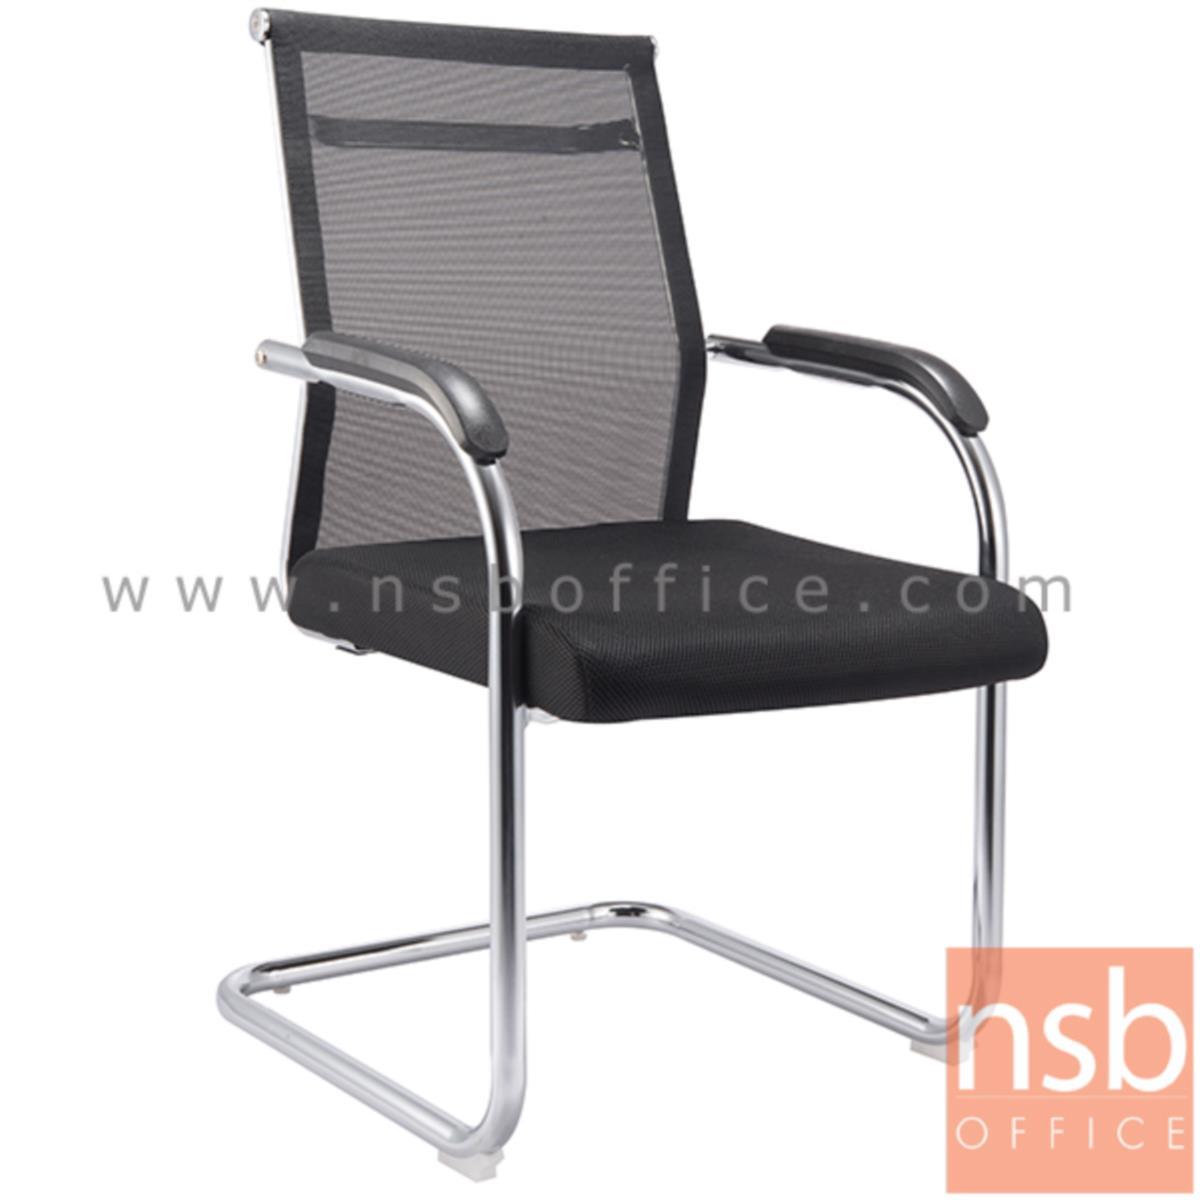 B05A136:เก้าอี้รับแขกขาตัวซีหลังเน็ต รุ่น Lamarr (ลามาร์)  ขาเหล็กชุบโครเมี่ยม